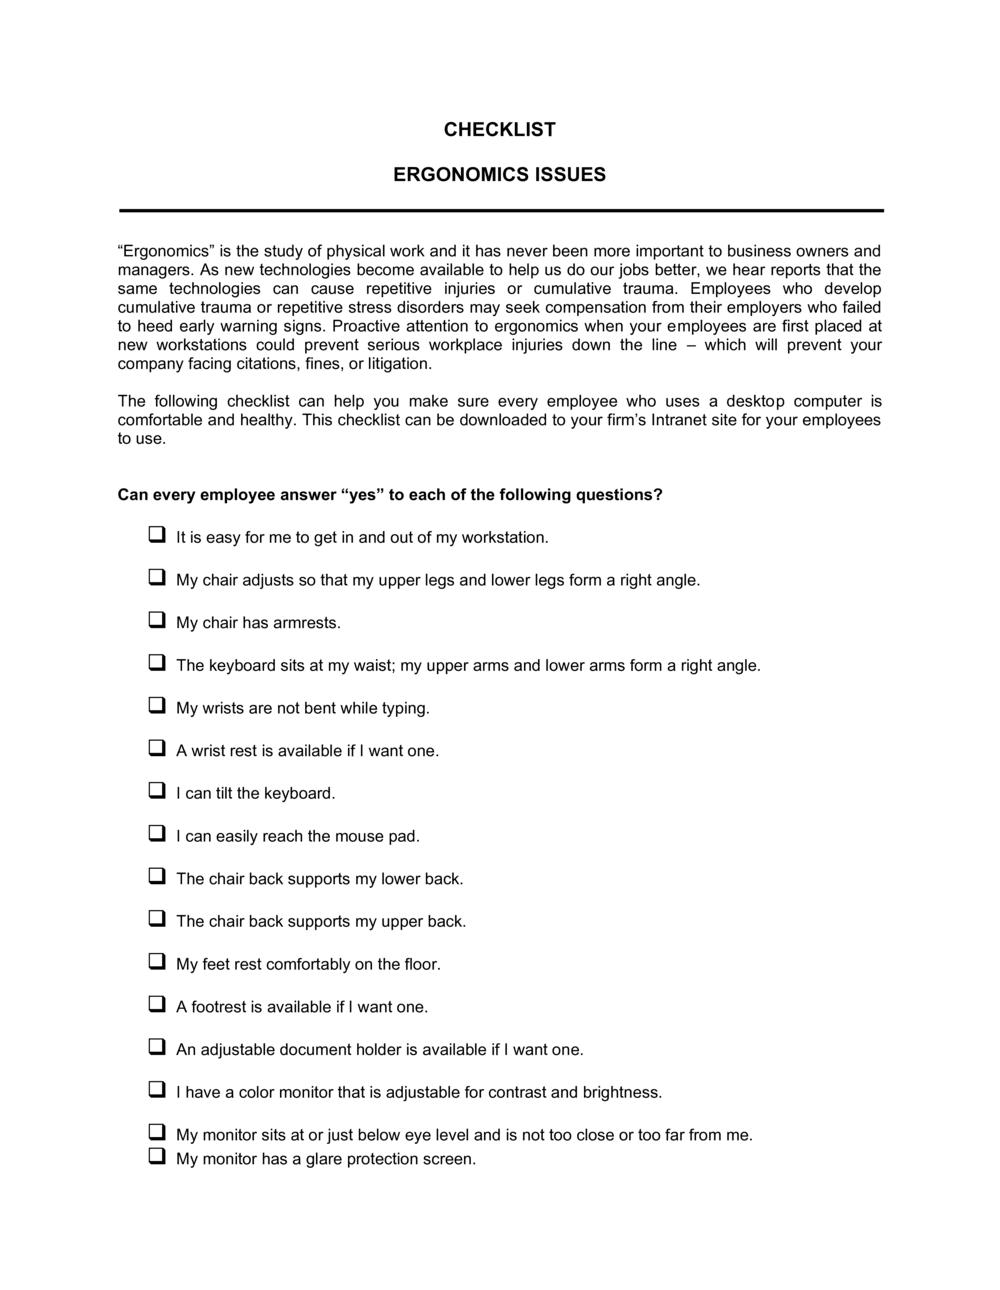 Business-in-a-Box's Checklist Ergonomics Template